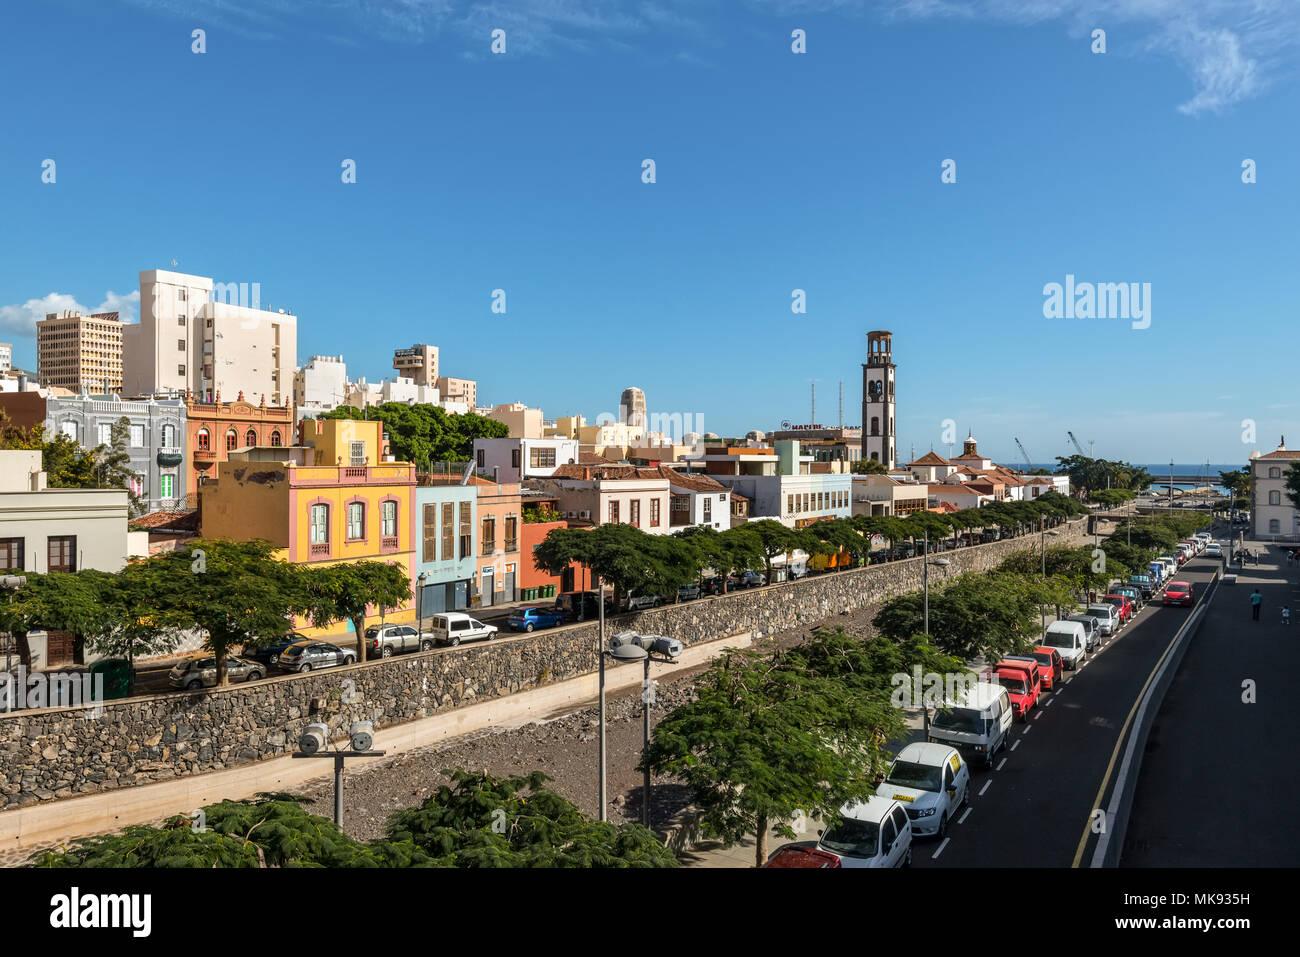 Santa Cruz de Tenerife, Canary Islands, Spain - Desember 11, 2016: Buildings along the Barranco de los Santos river in Santa Cruz de Tenerife, Canary  Stock Photo